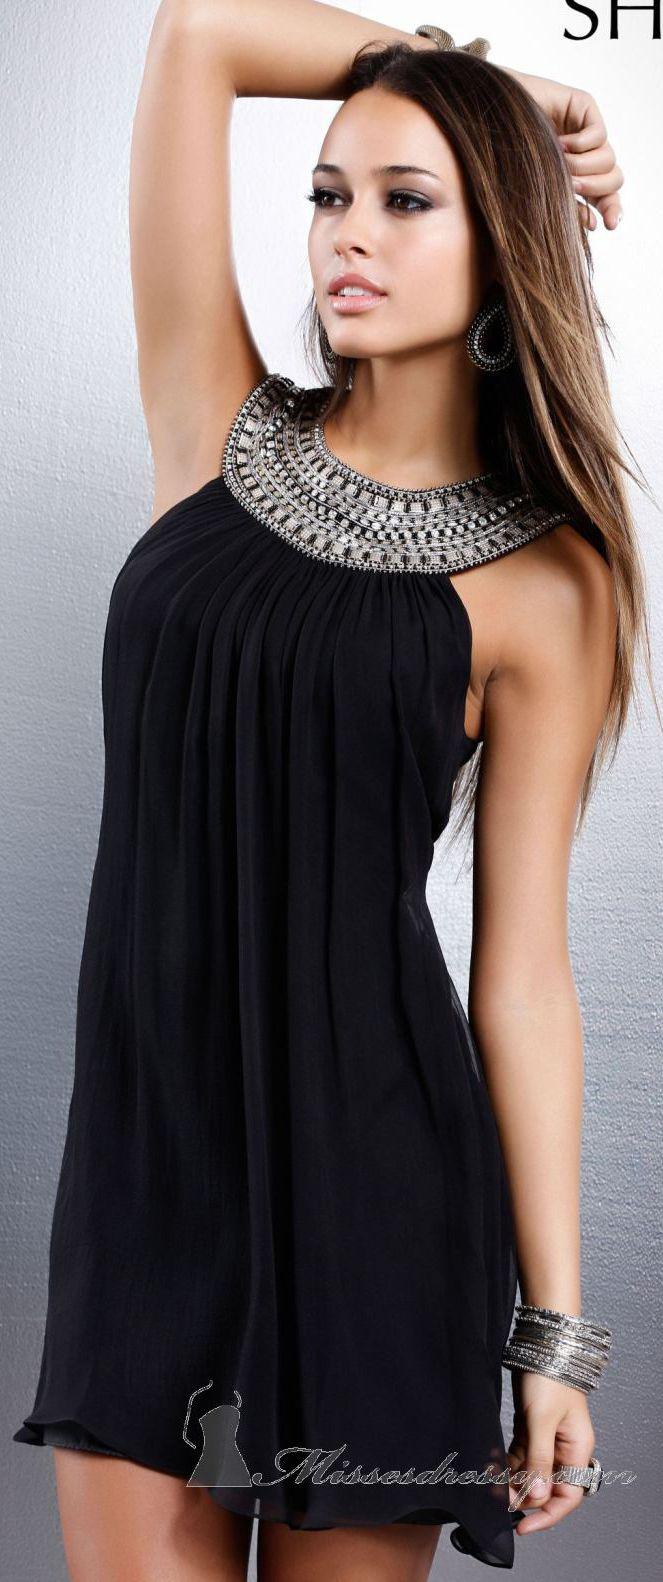 Shail k embellished cocktail dress dresses pinterest black